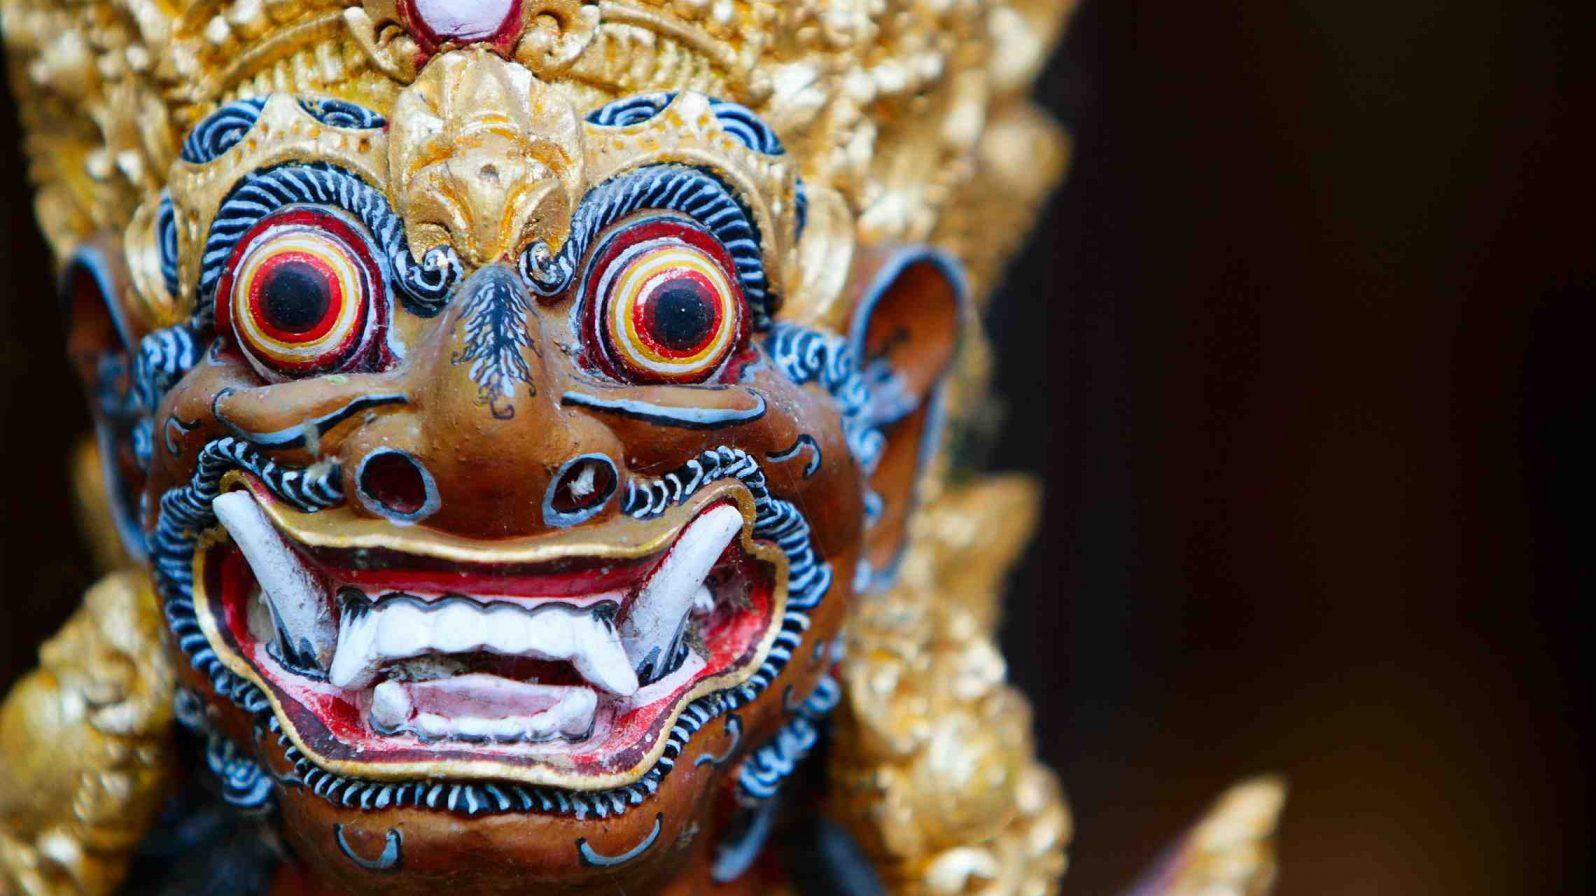 Balilainen naamio Indonesia